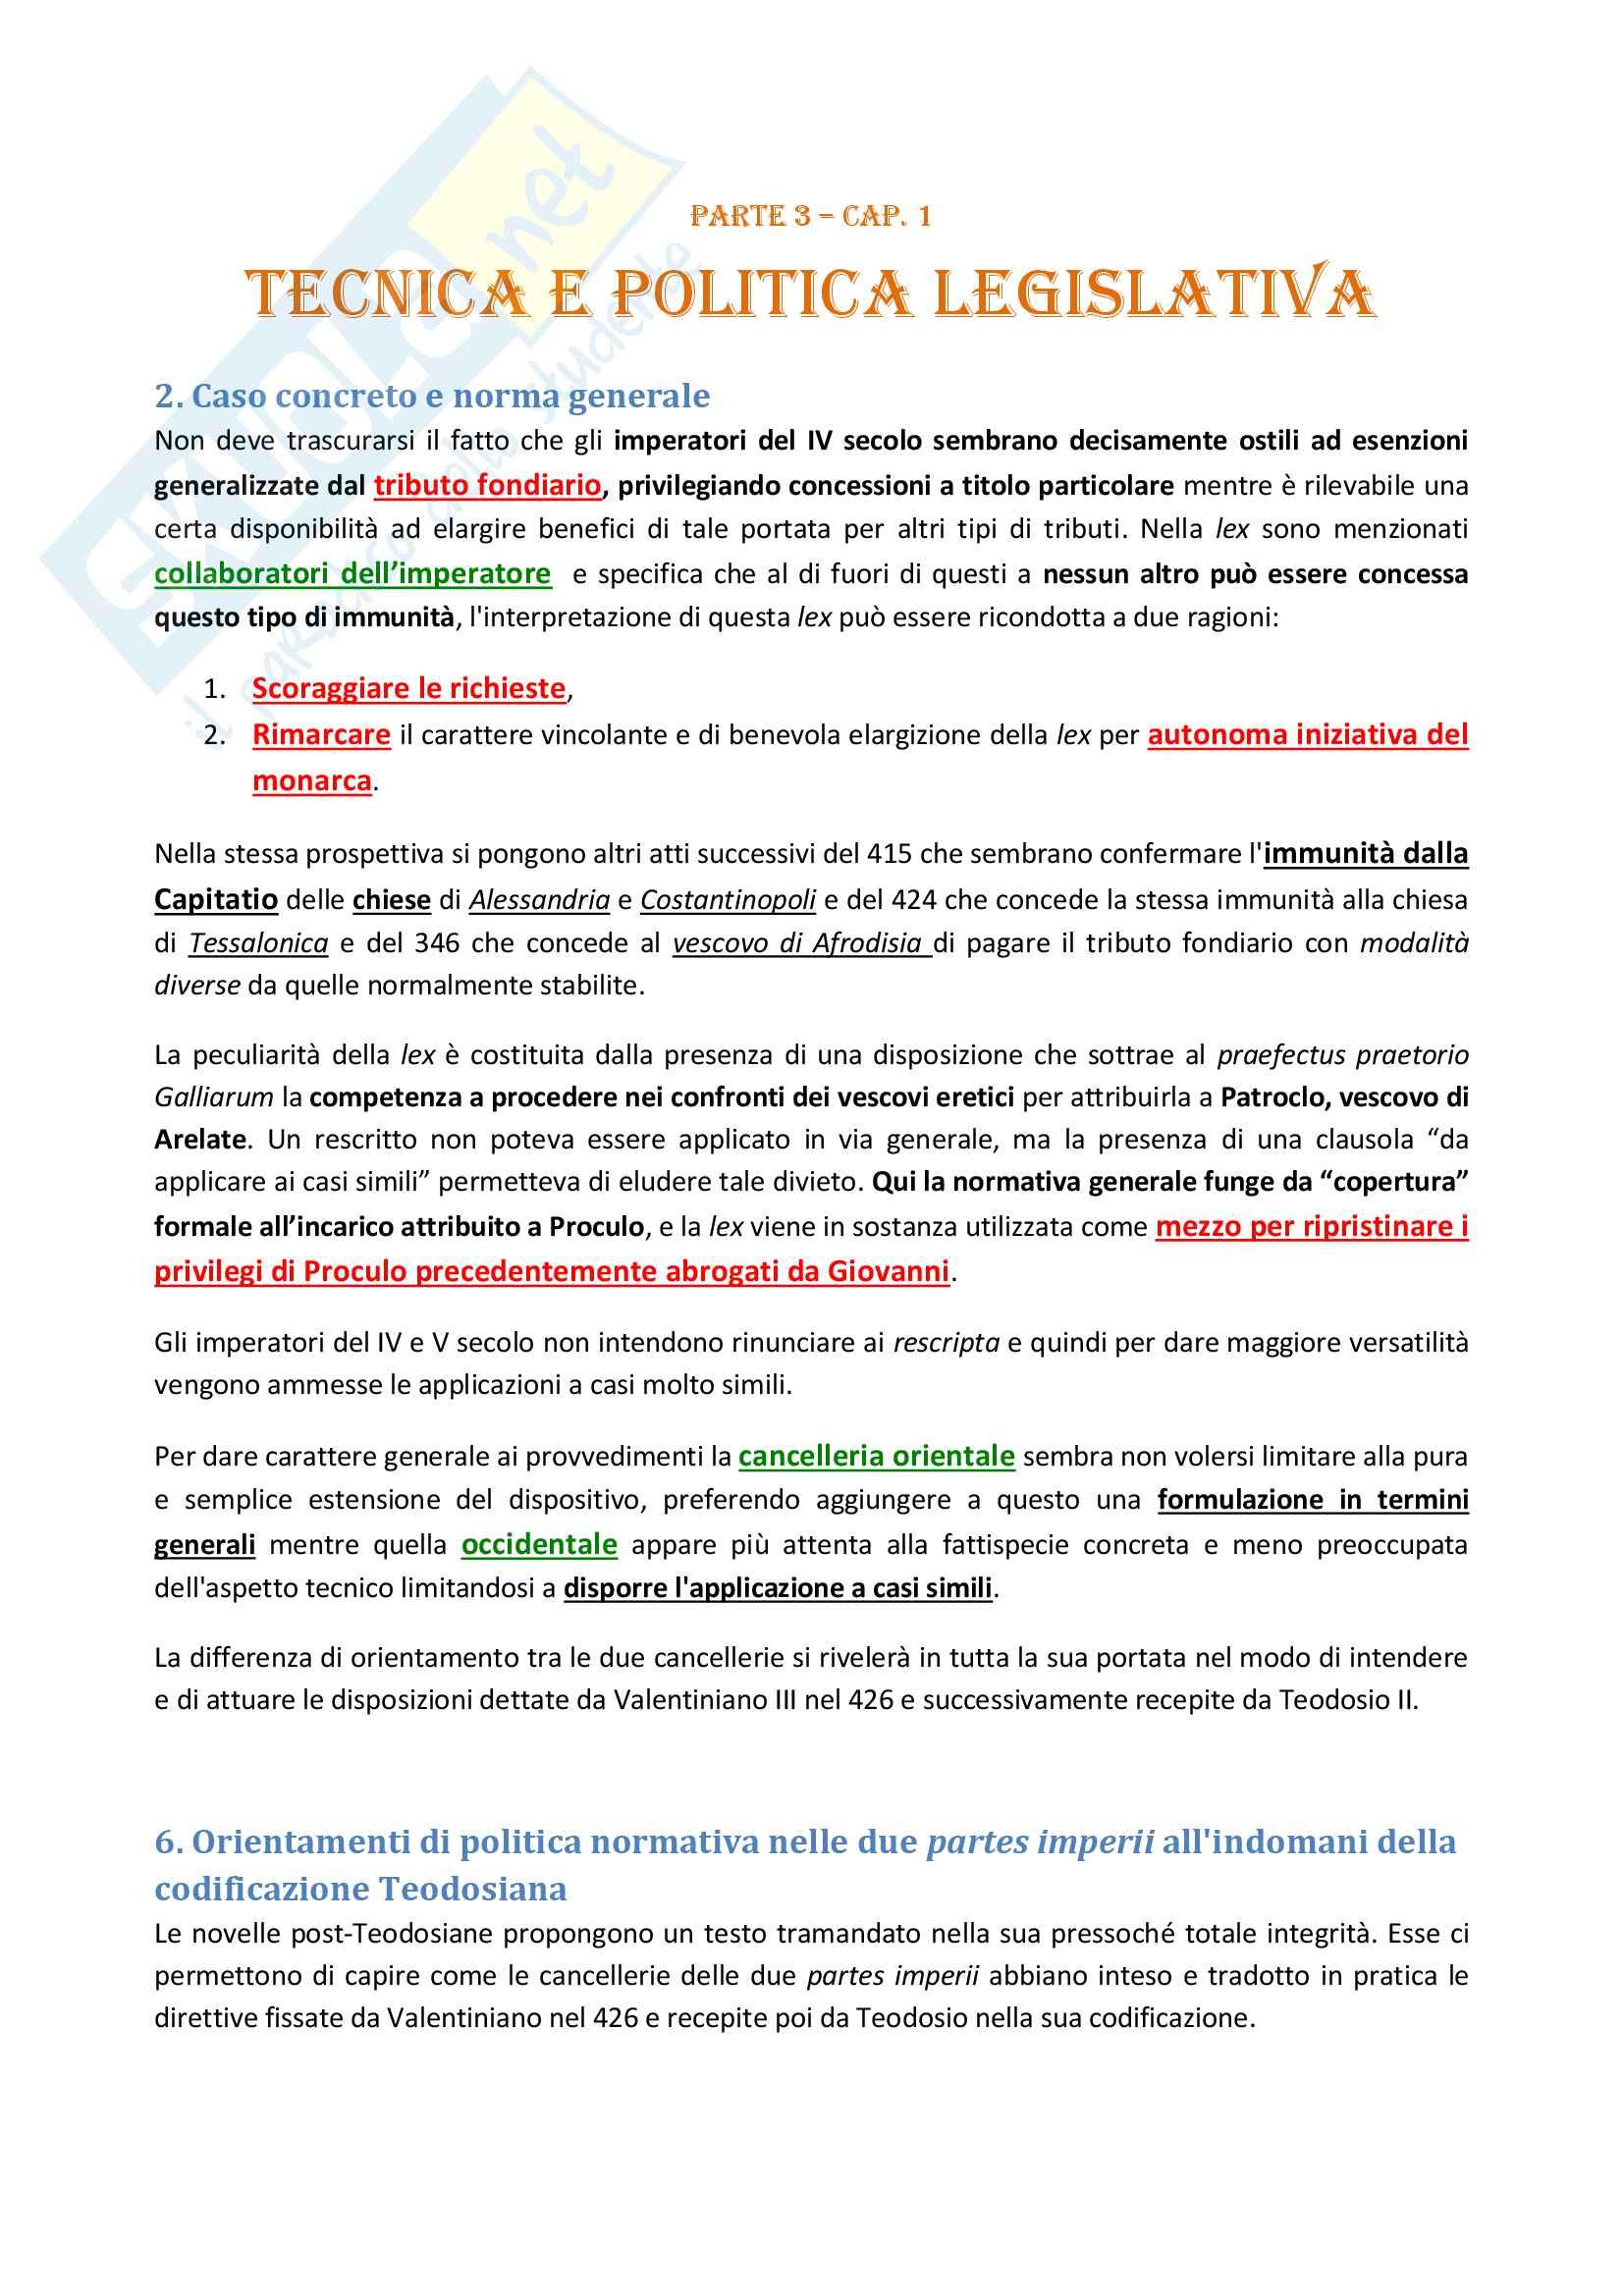 Fondamenti del diritto europeo - Pavese Pag. 21